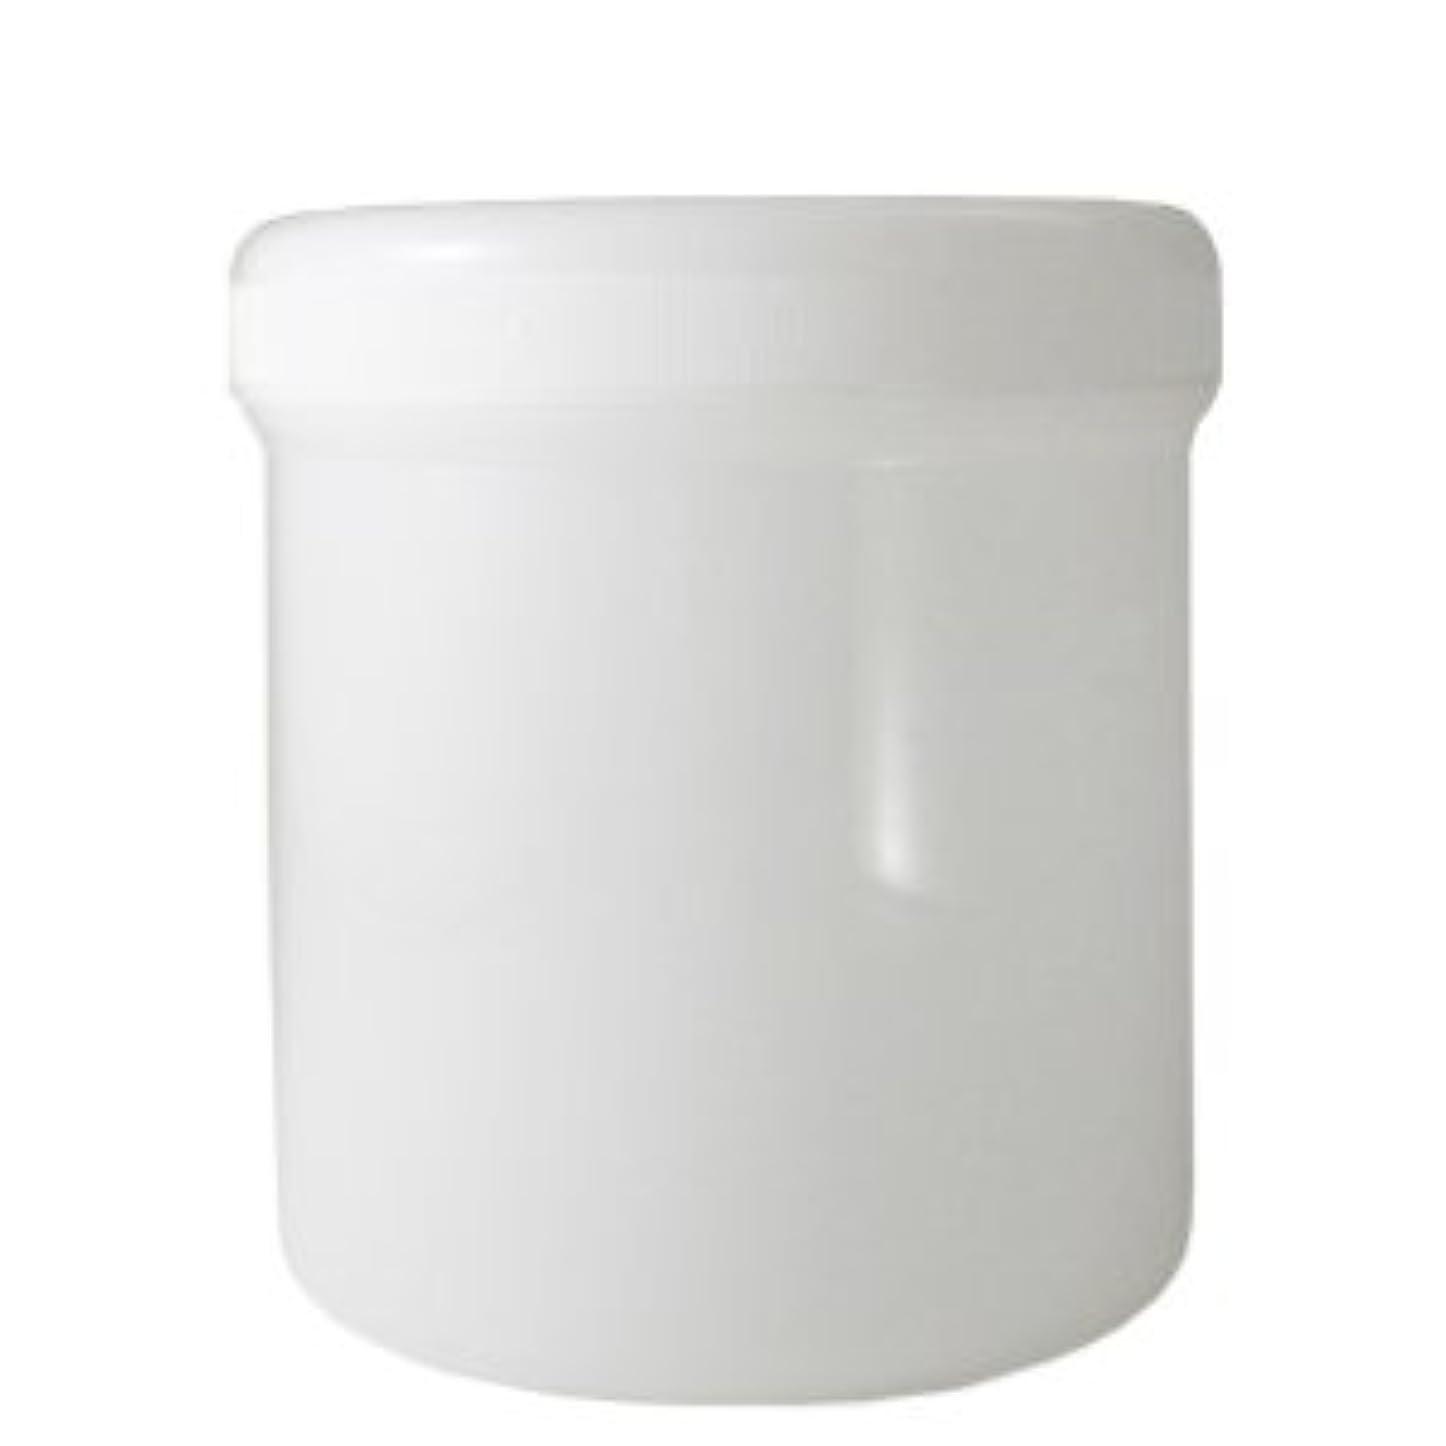 中性によって相談するナンコー容器 (クリームジャー) 550ml 【手作り化粧品】